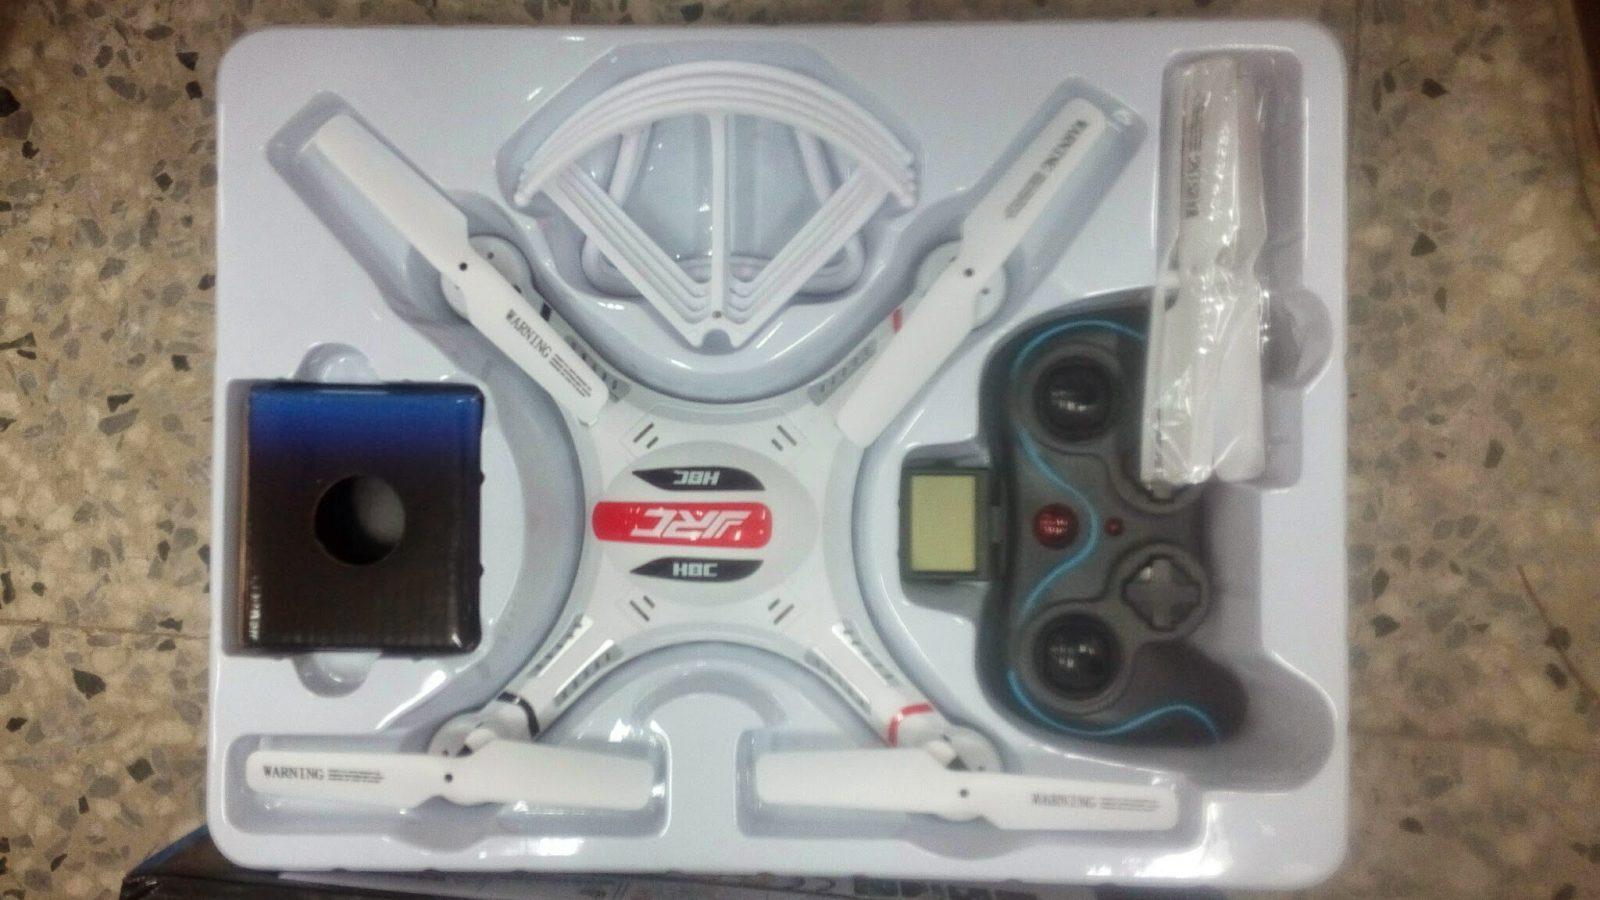 [玩具]大男孩的玩具 : 六軸穩定空拍直昇機